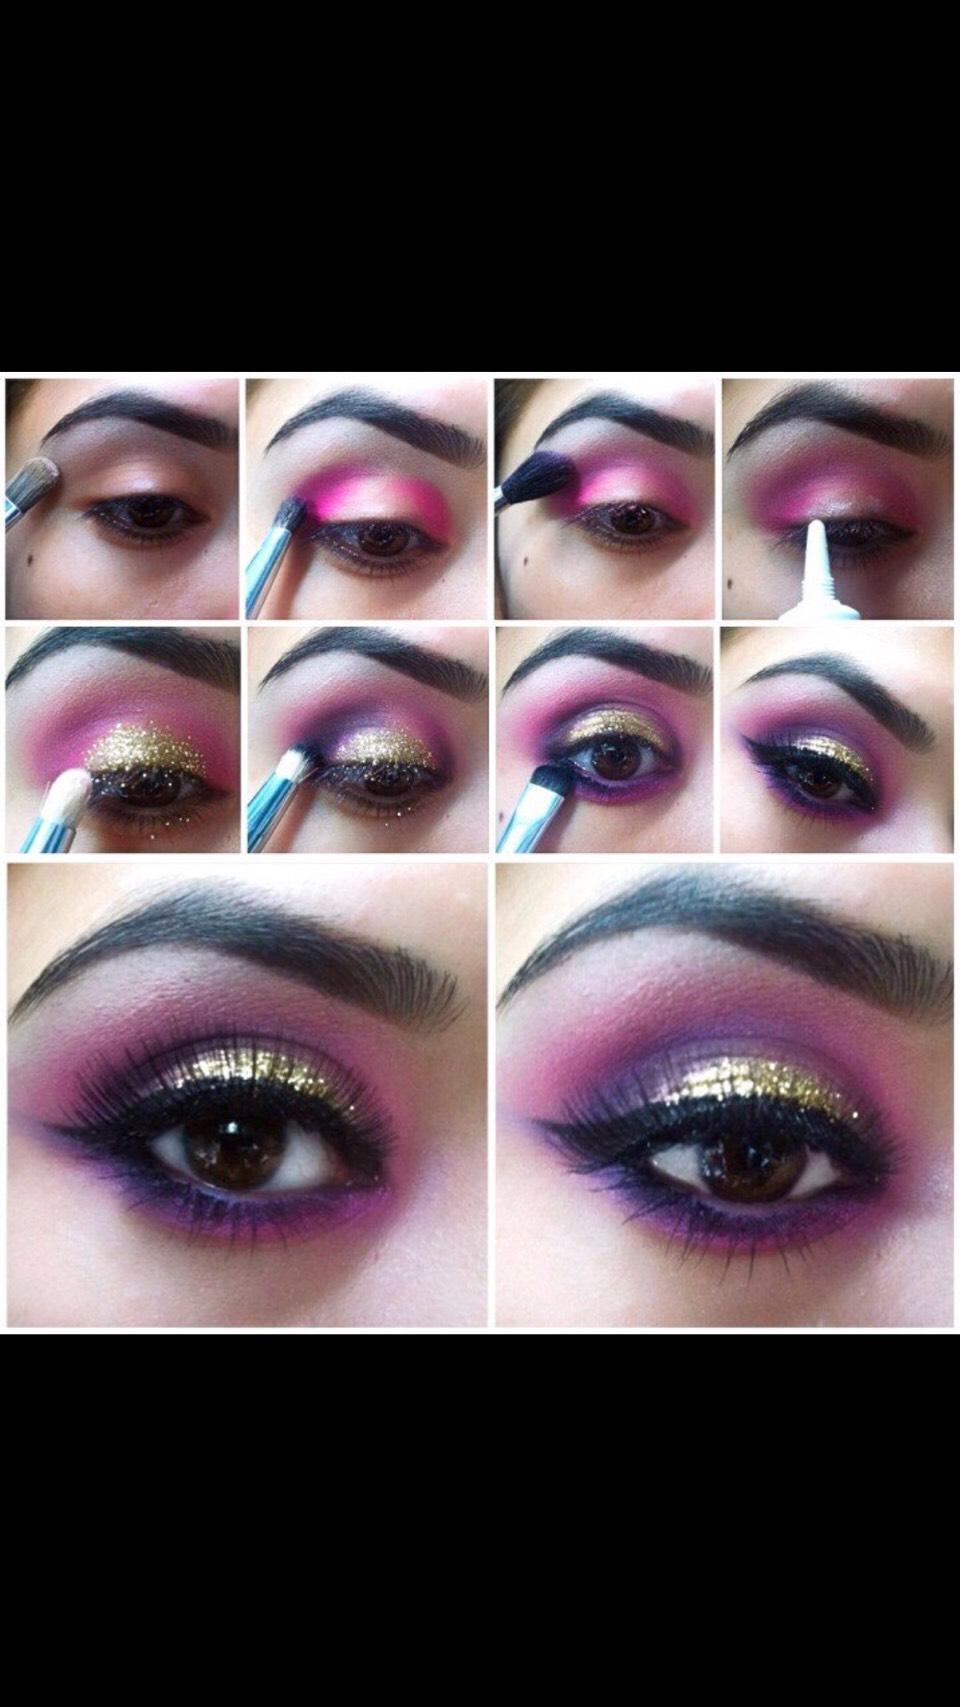 15 Stunning Eyeshadow Tutorials By Karen Patio 🌸